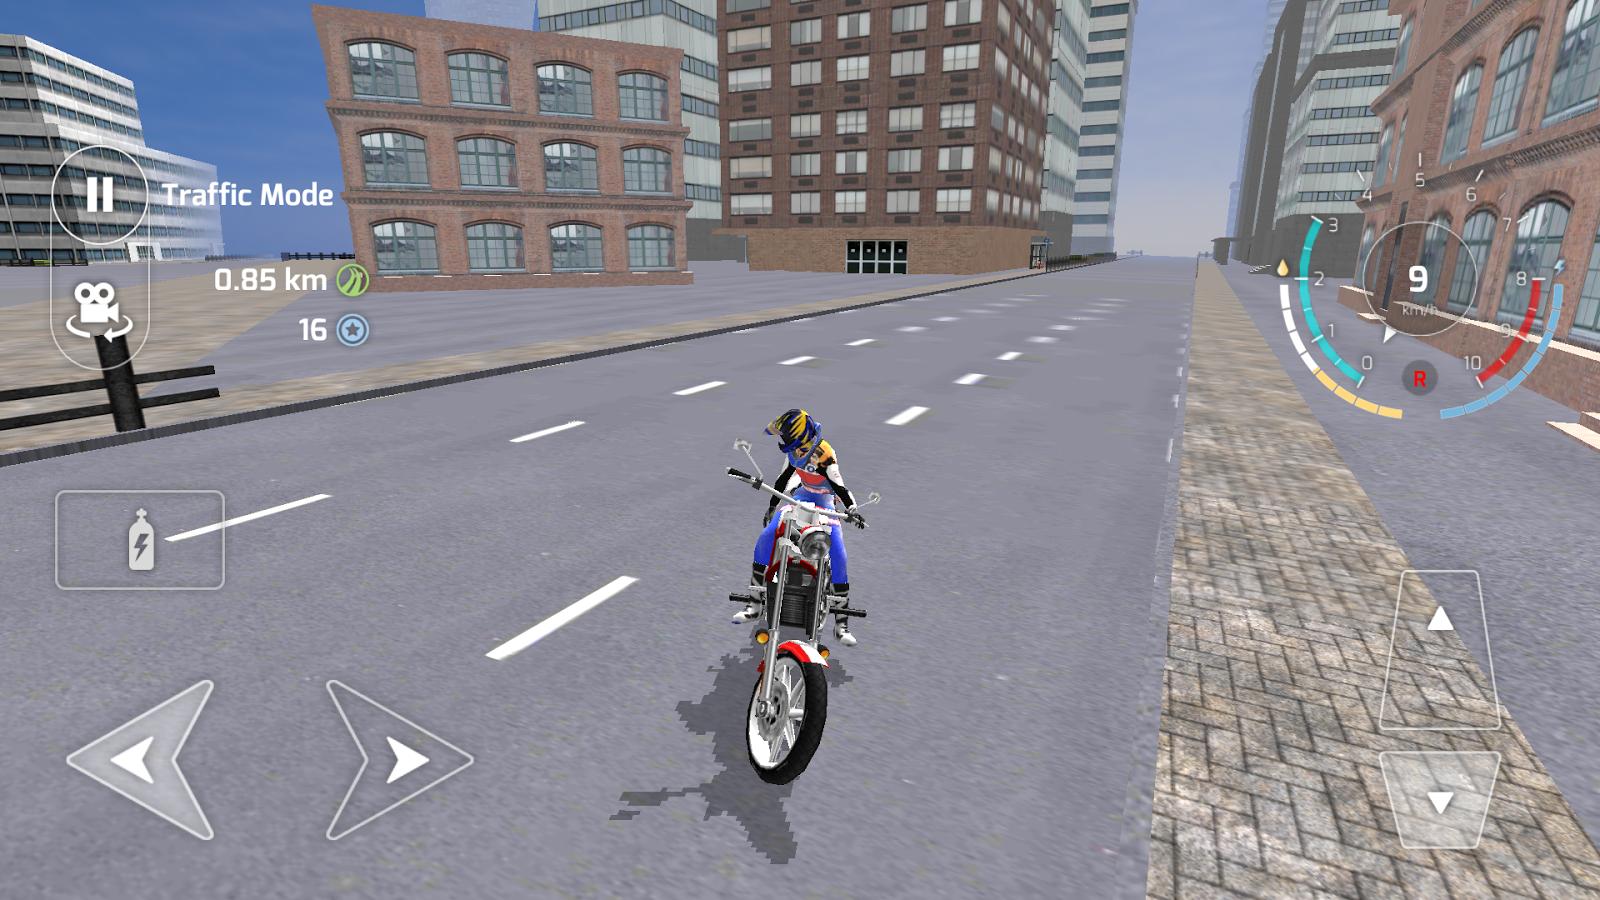 Motorbike-Driving-Simulator-3D 15